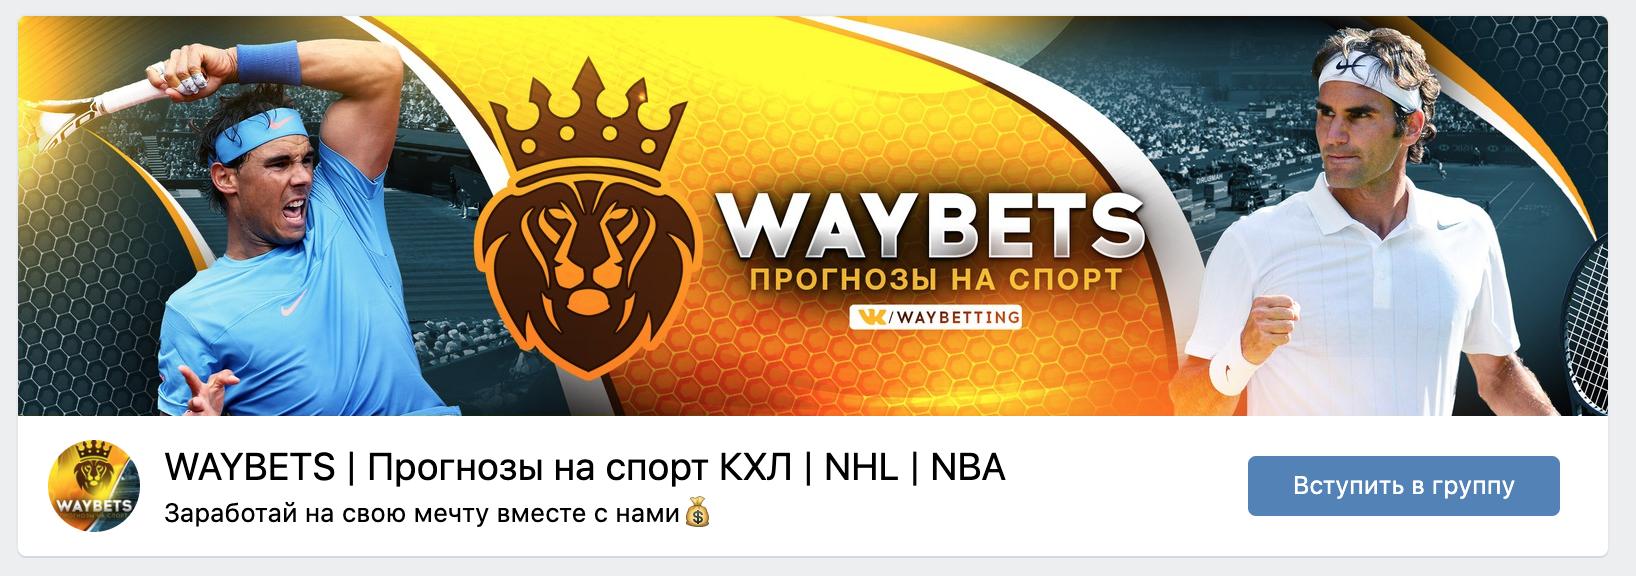 Группа ВК waybets каппера Алексея Cтрельцова